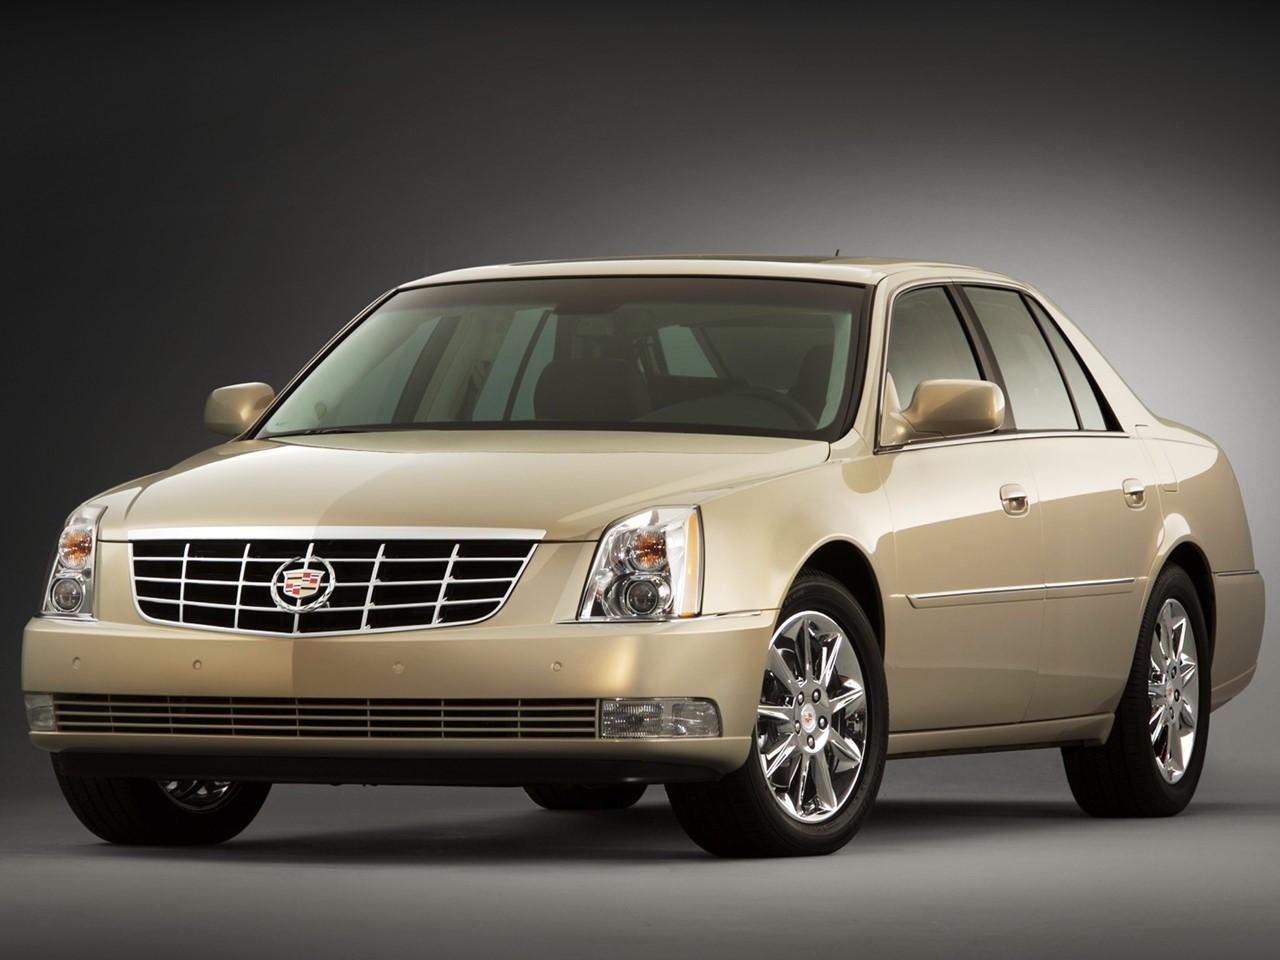 2011 Cadillac DTS 1